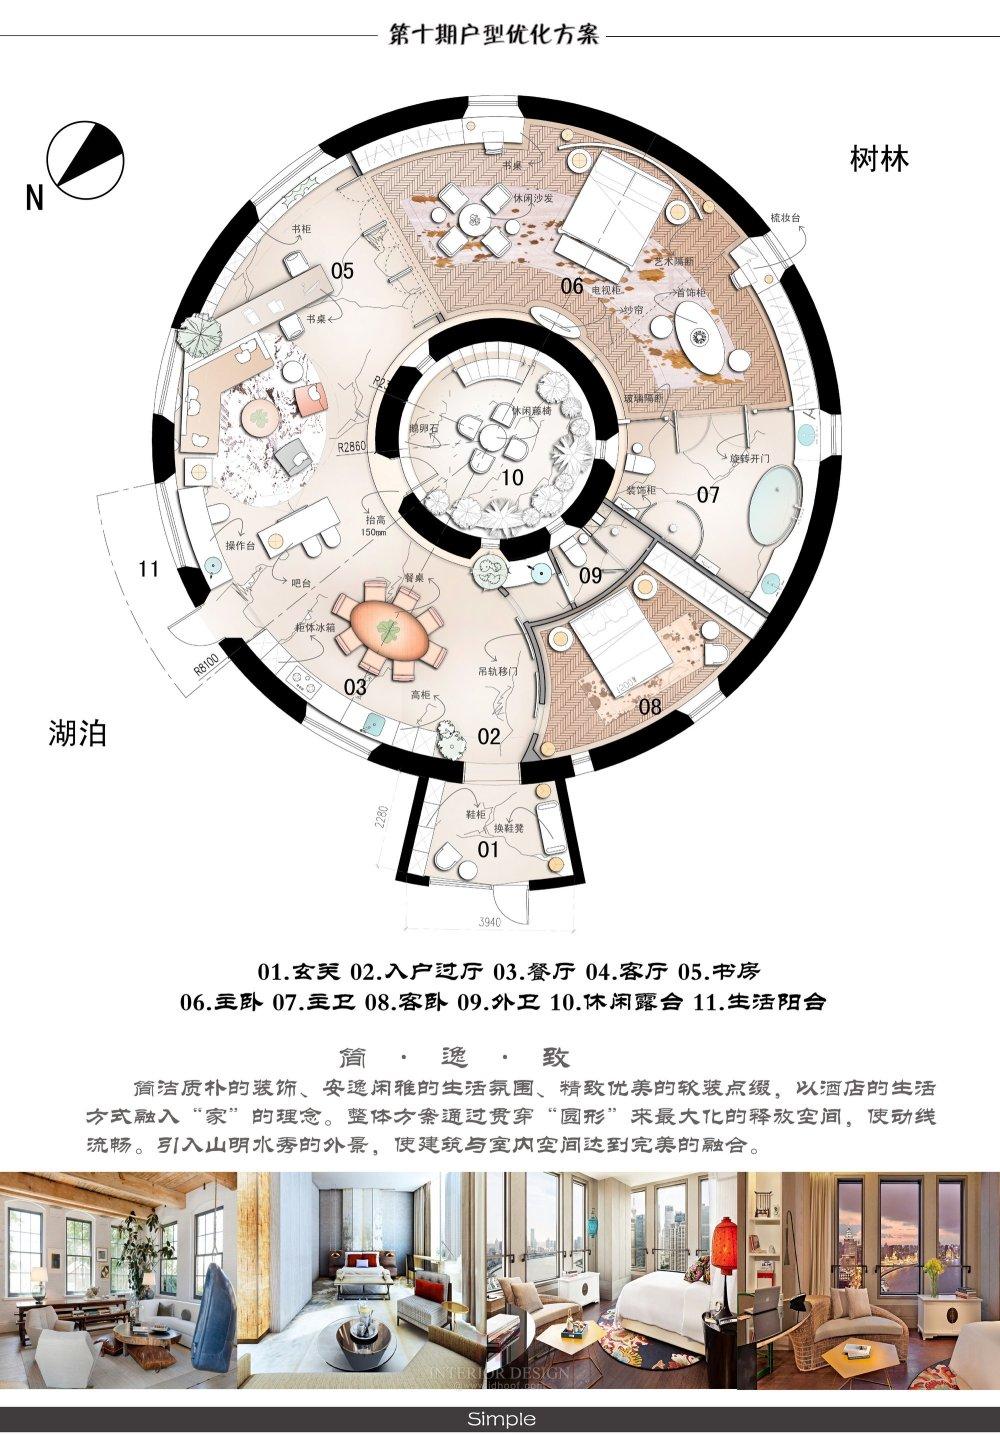 【第十期-住宅平面优化】一个圆形户型15个方案 投票奖励DB_03.jpg